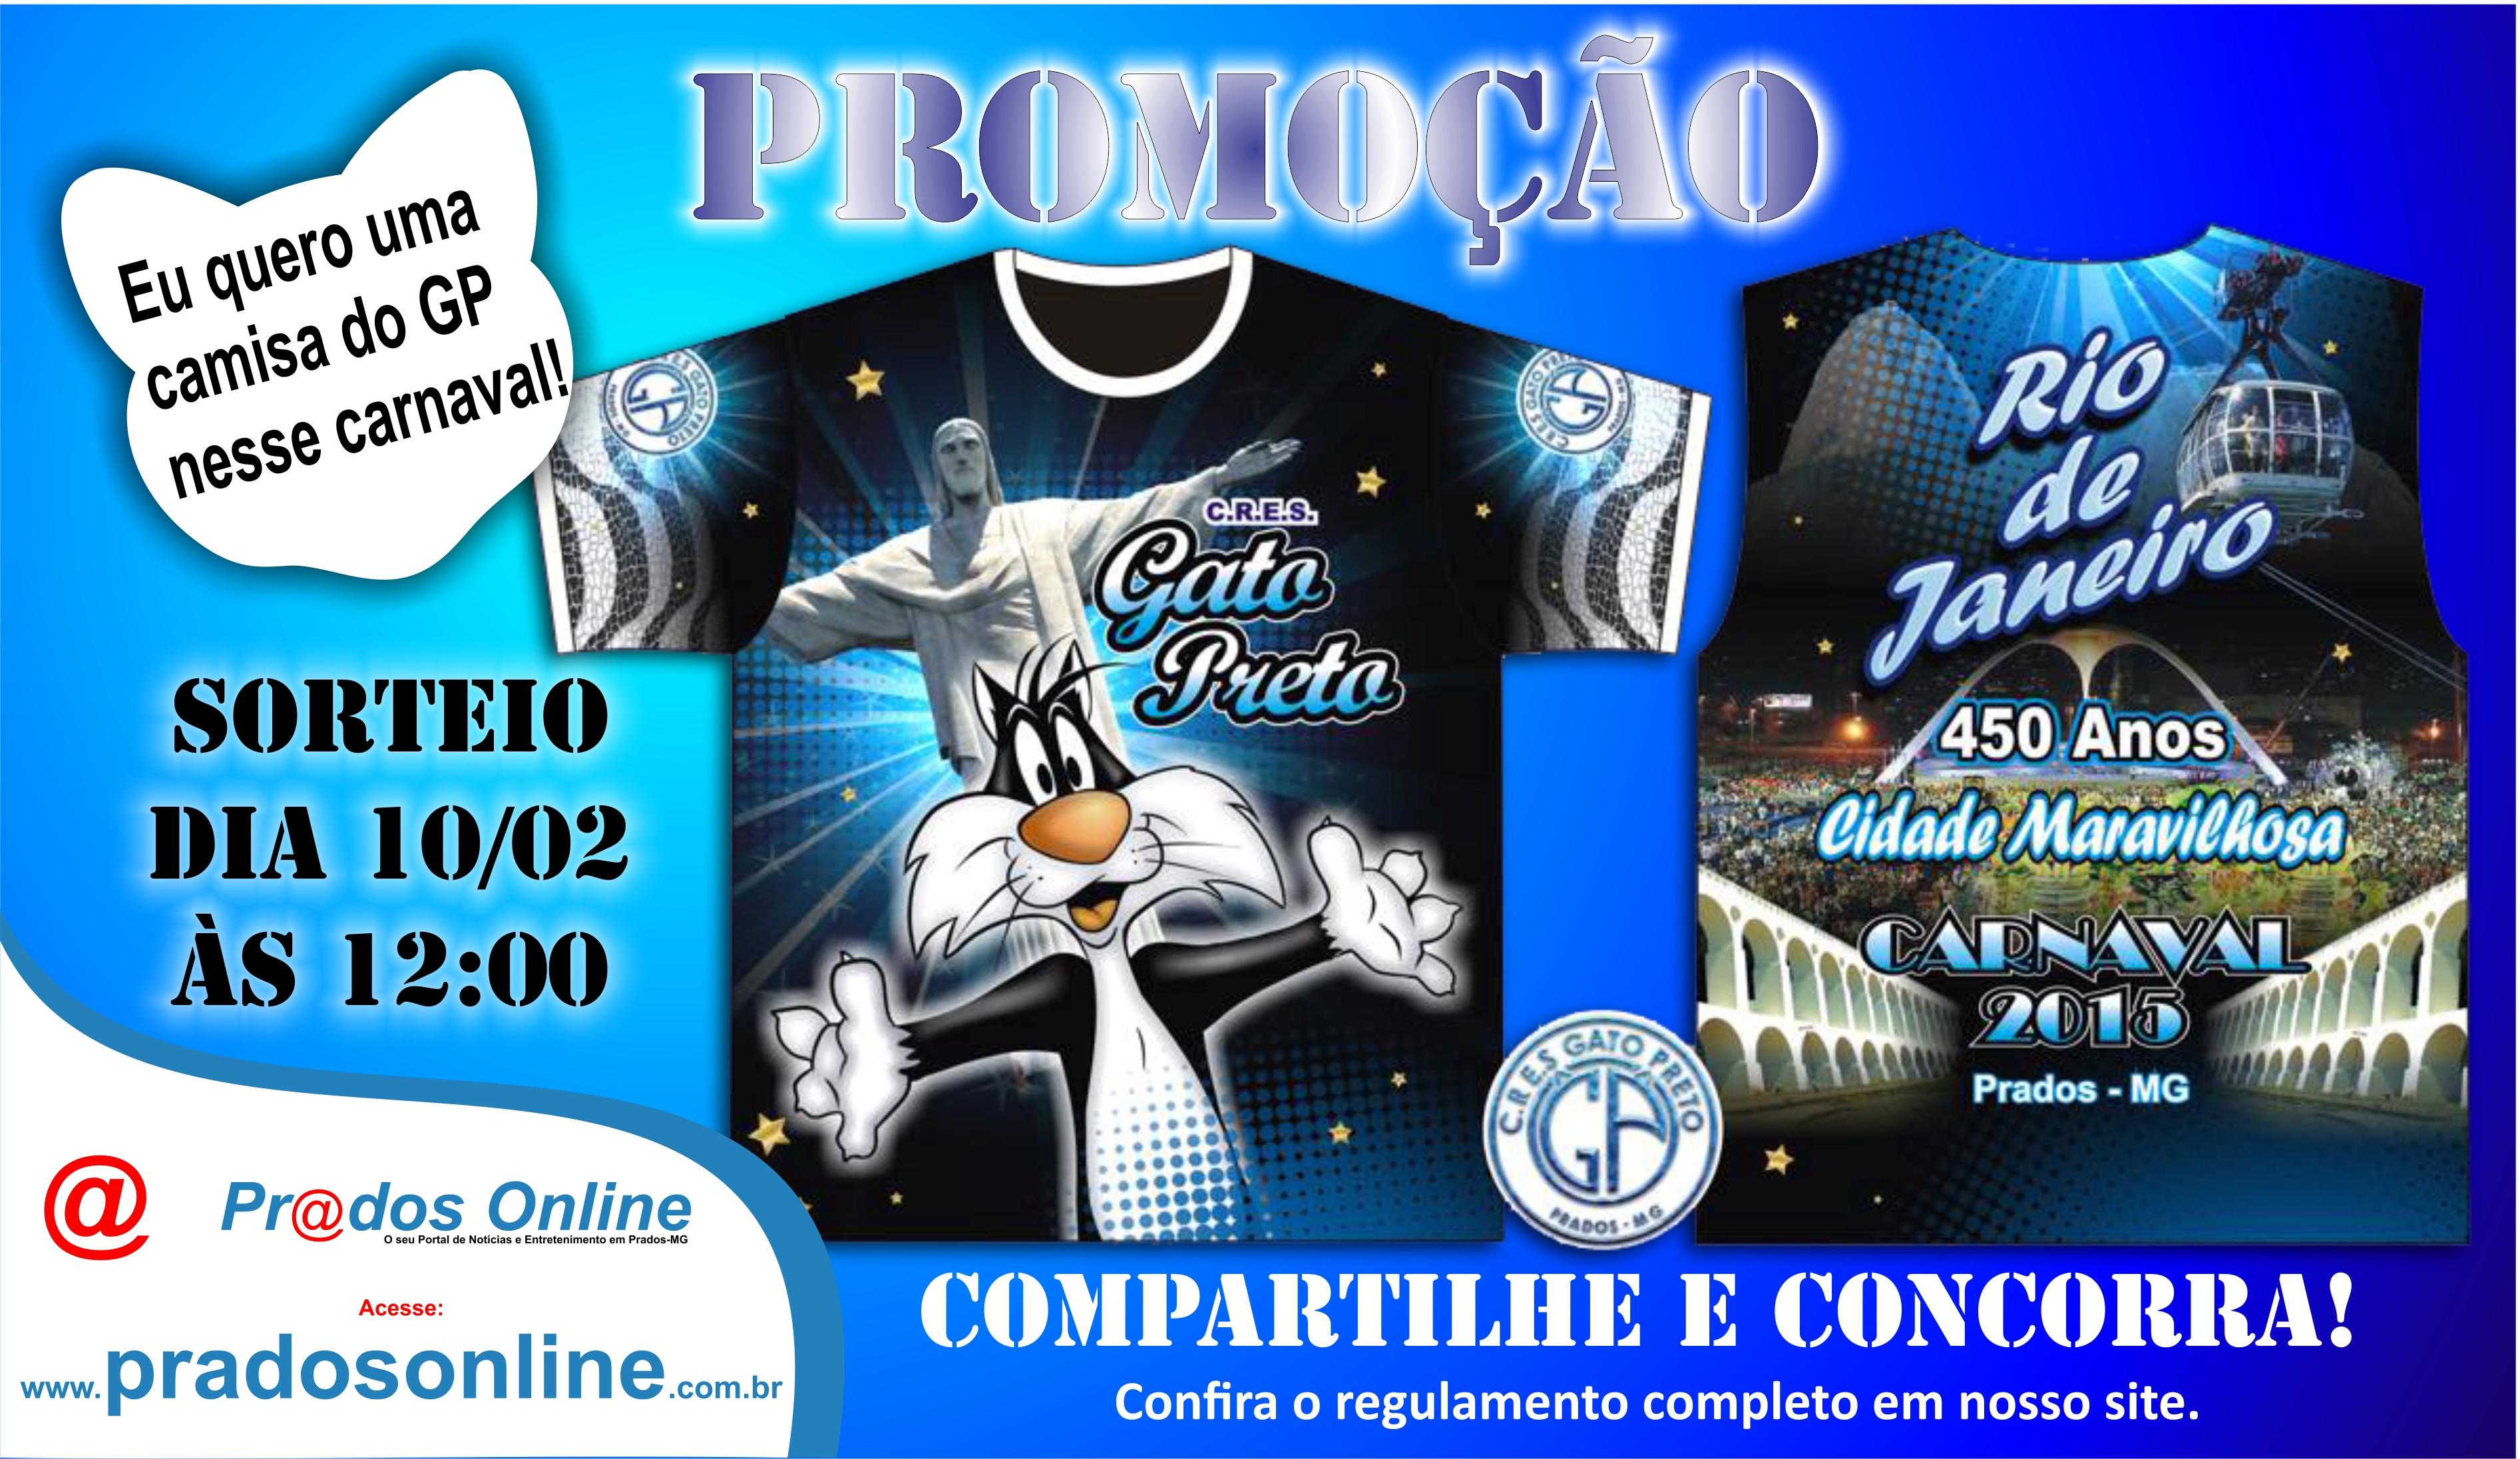 Banner_promocao_camisa_Gato_Preto